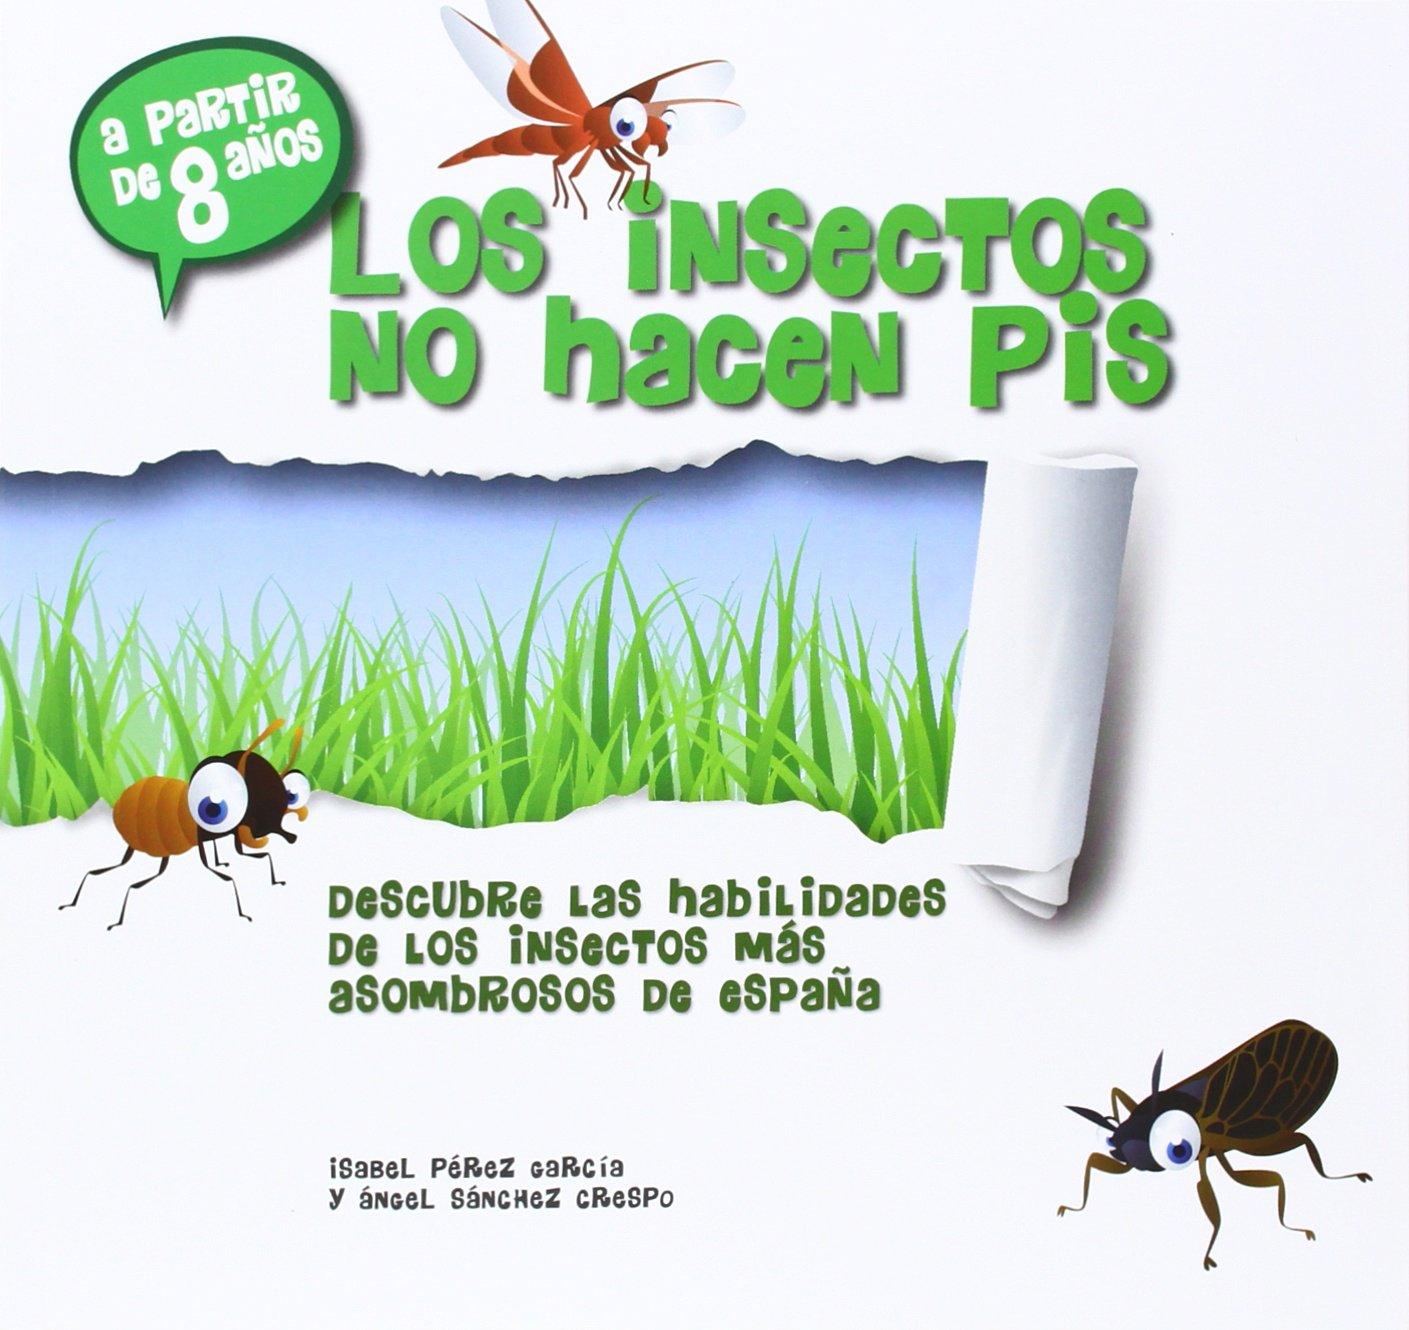 Los Insectos No Hacen Pis: Amazon.es: Sánchez Crespo, Ángel: Libros